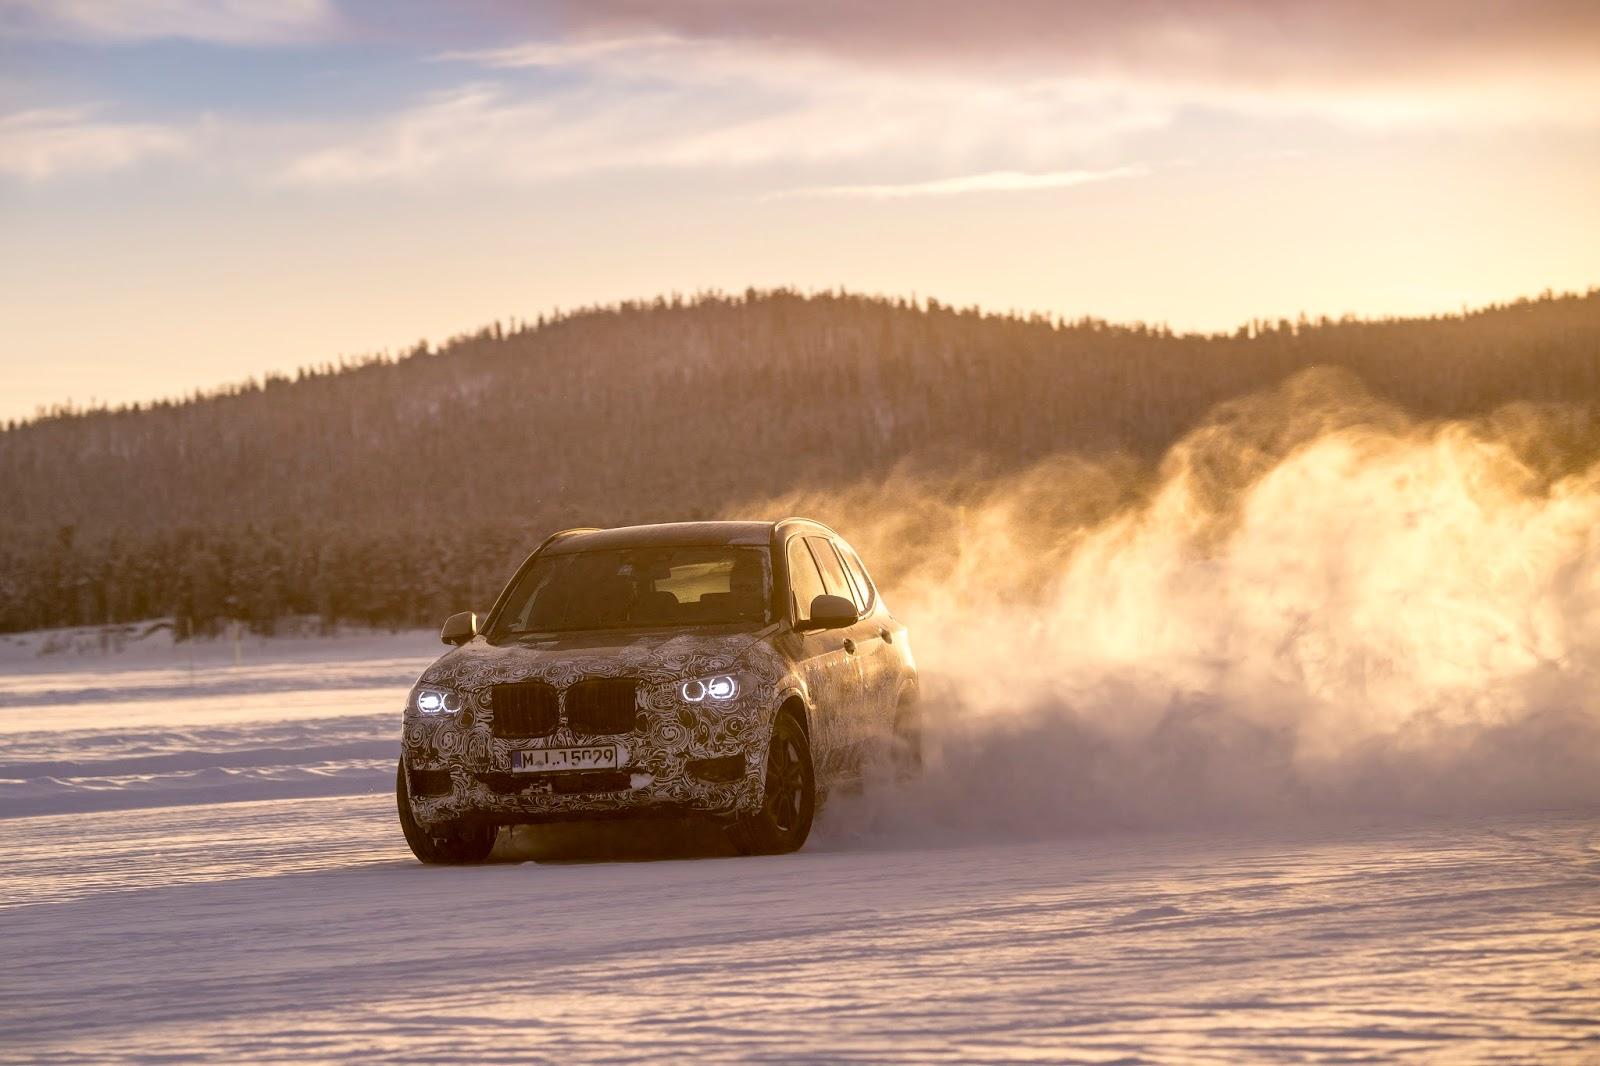 P90249821 highRes the new bmw x3 under Δοκιμές στην παγωμένη Βόρεια Σουηδία, για την επερχόμενη BMW X3 BMW, BMW X, BMW X3, SUV, videos